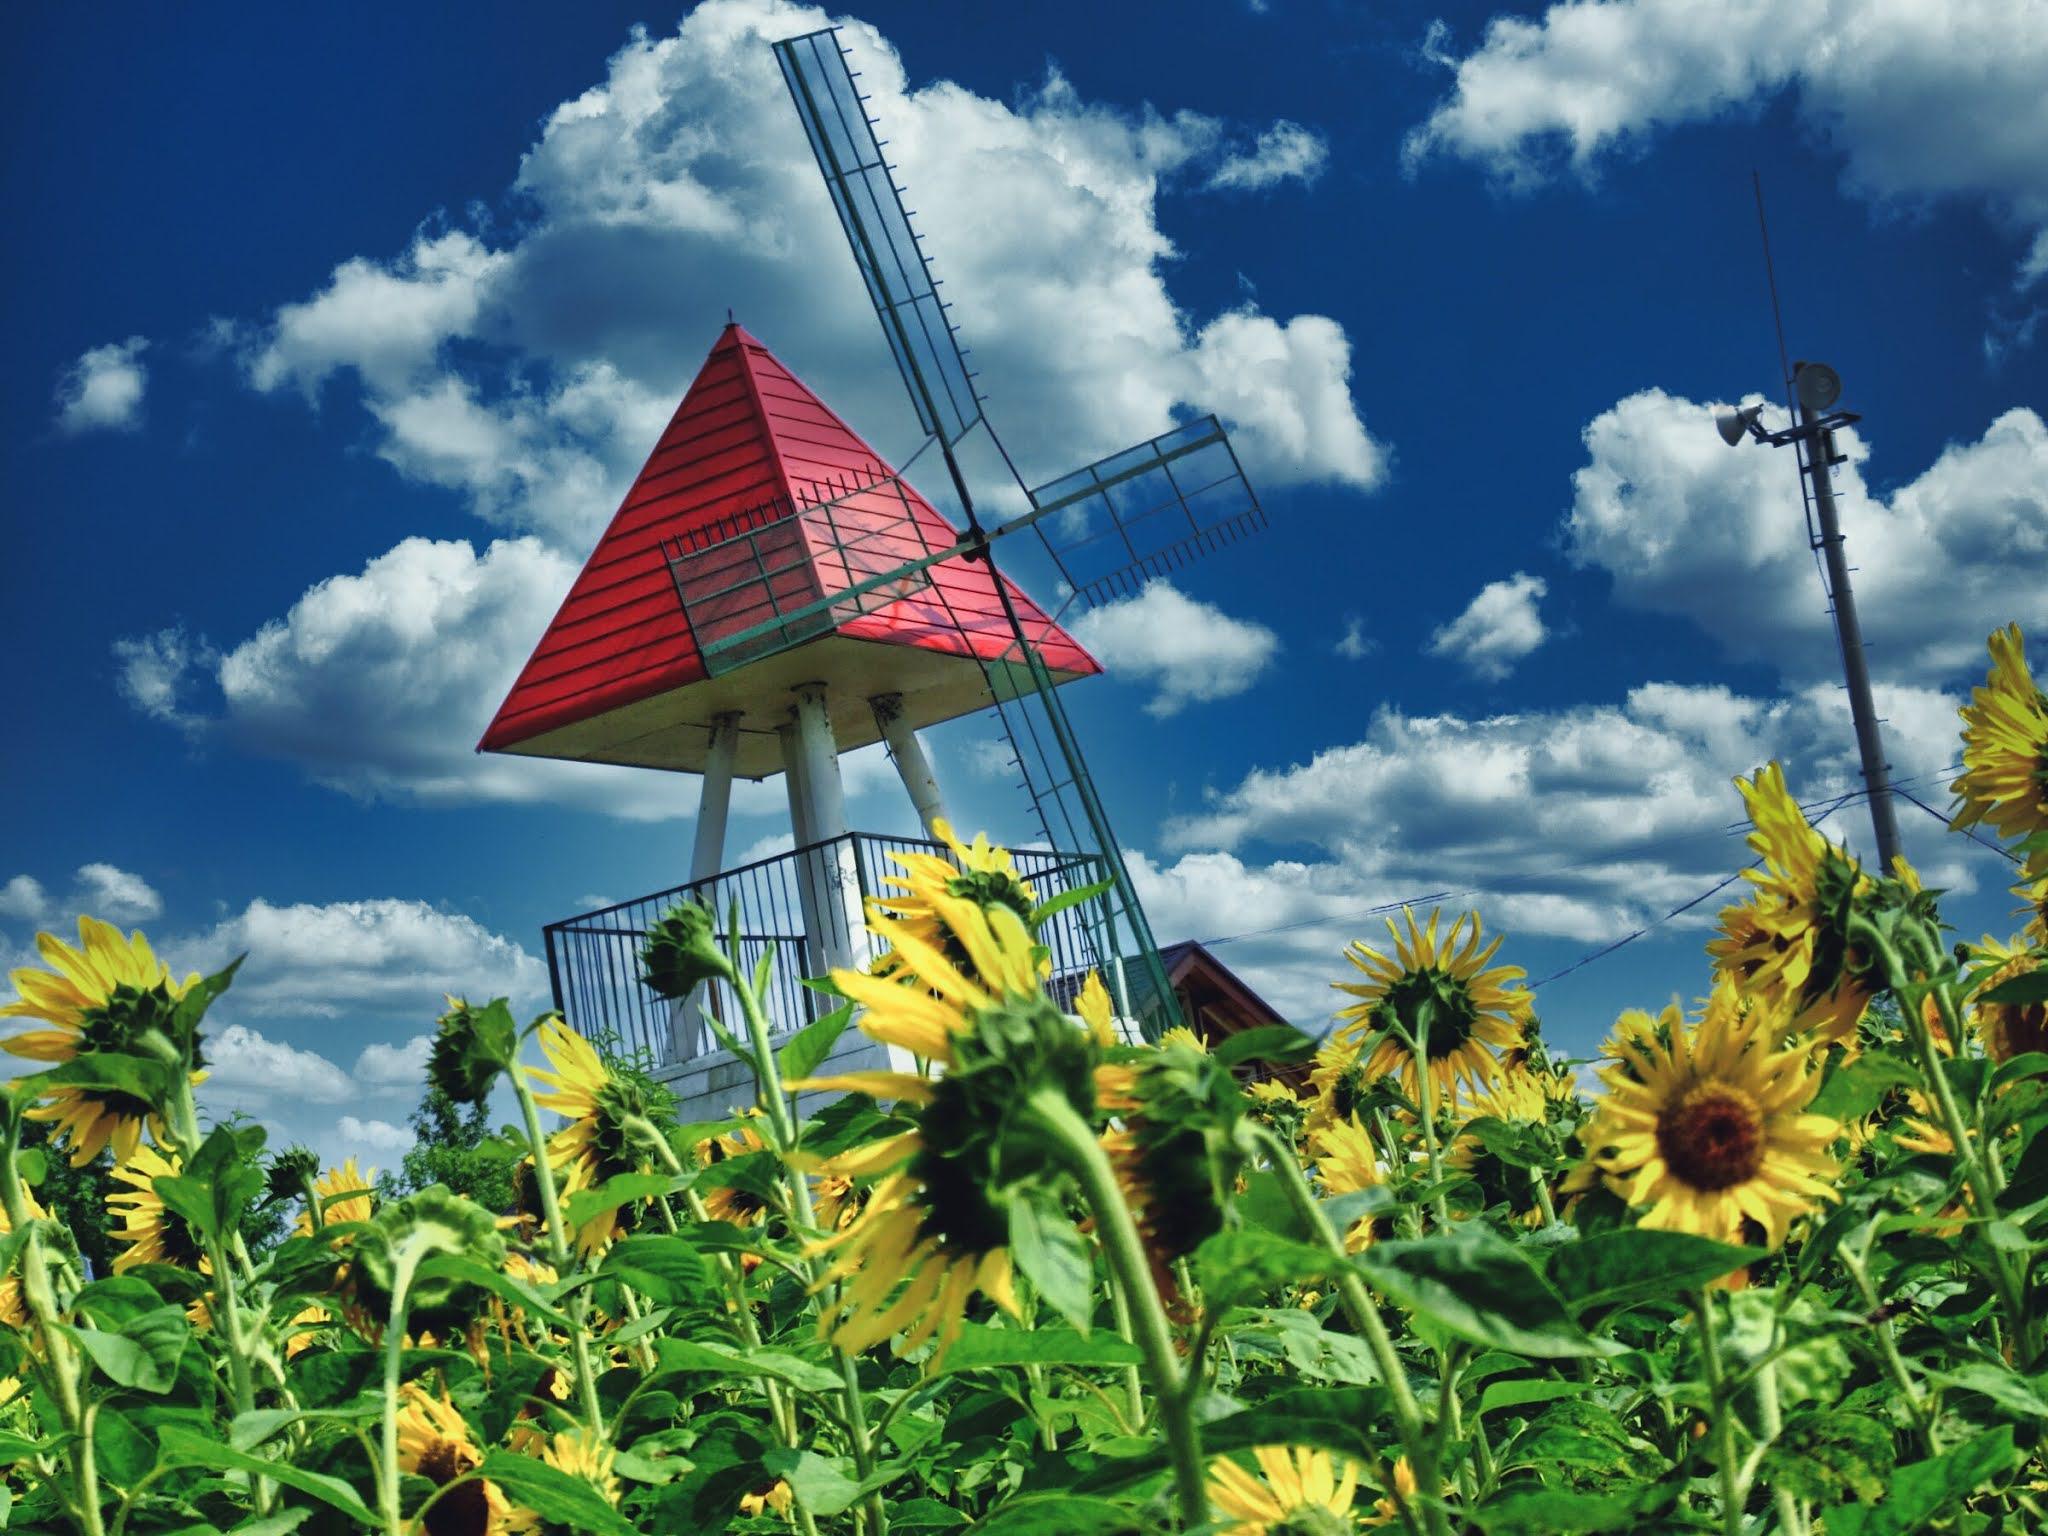 青空 黄色い向日葵(ヒマワリ) ひまわり写真素材 Luminar AI blue sky,yellow sunflower,photo stock,Van Gogh's sunflower